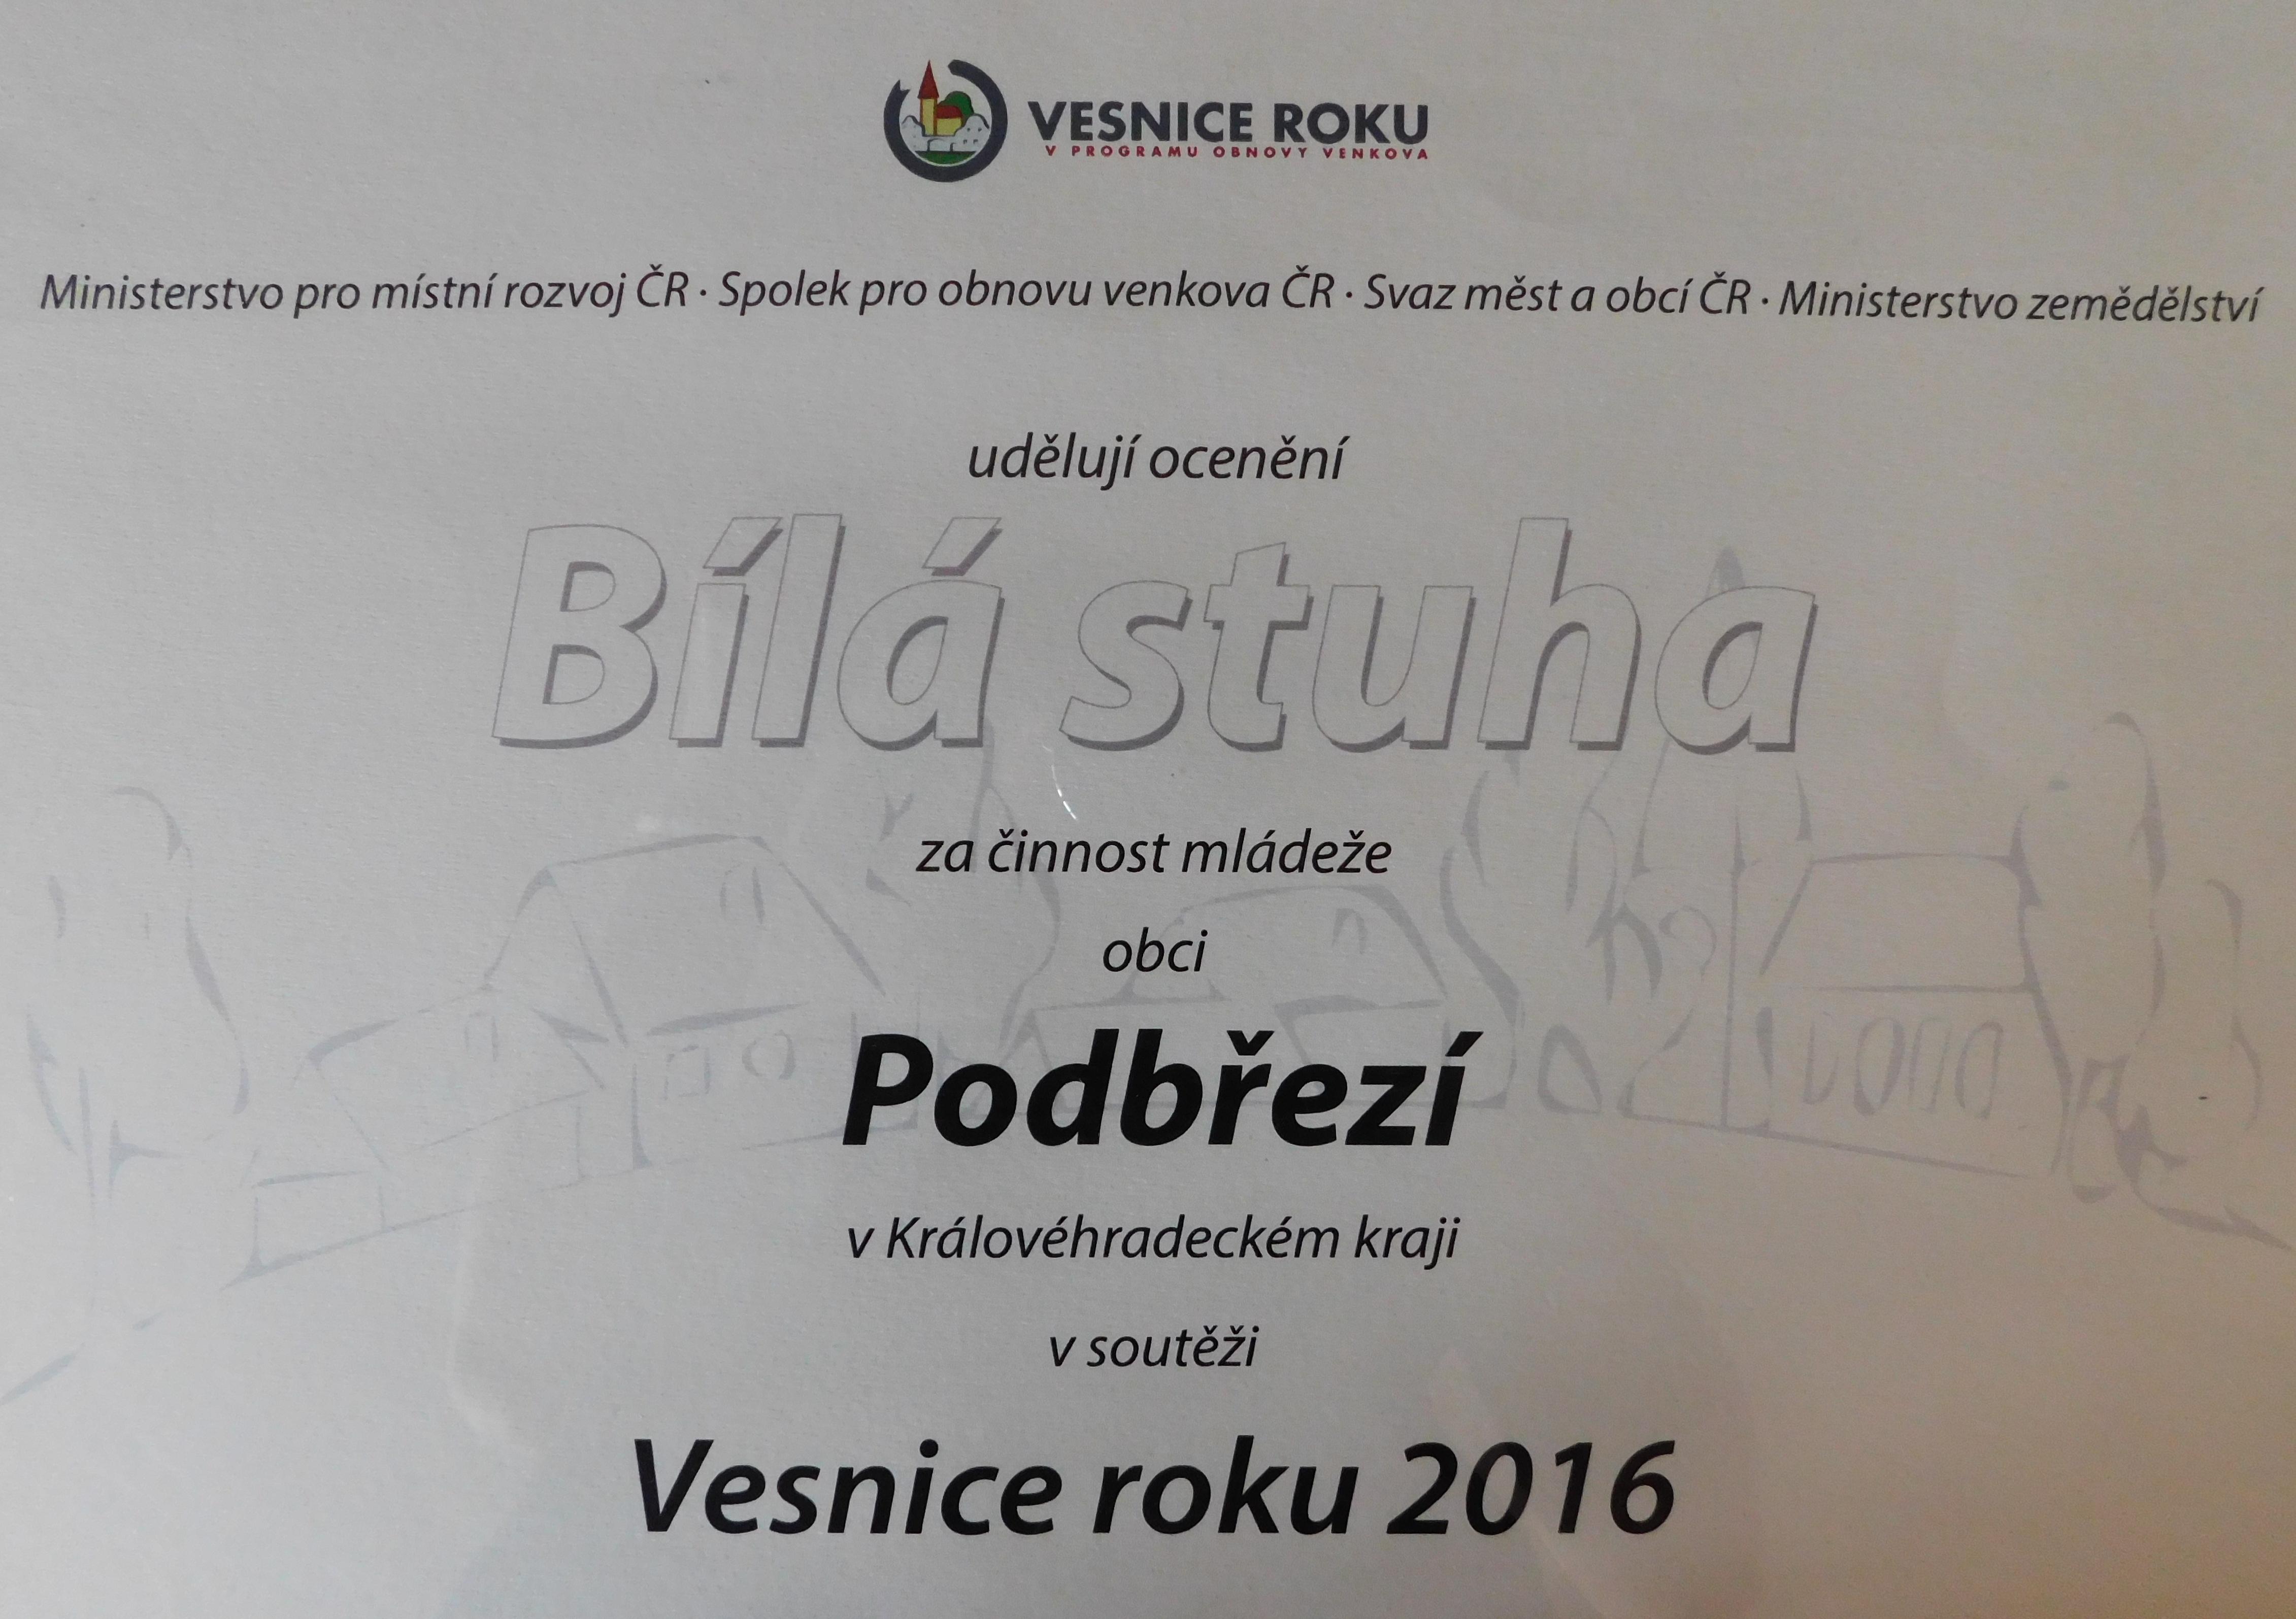 Diplom - Vesnice roku 2016